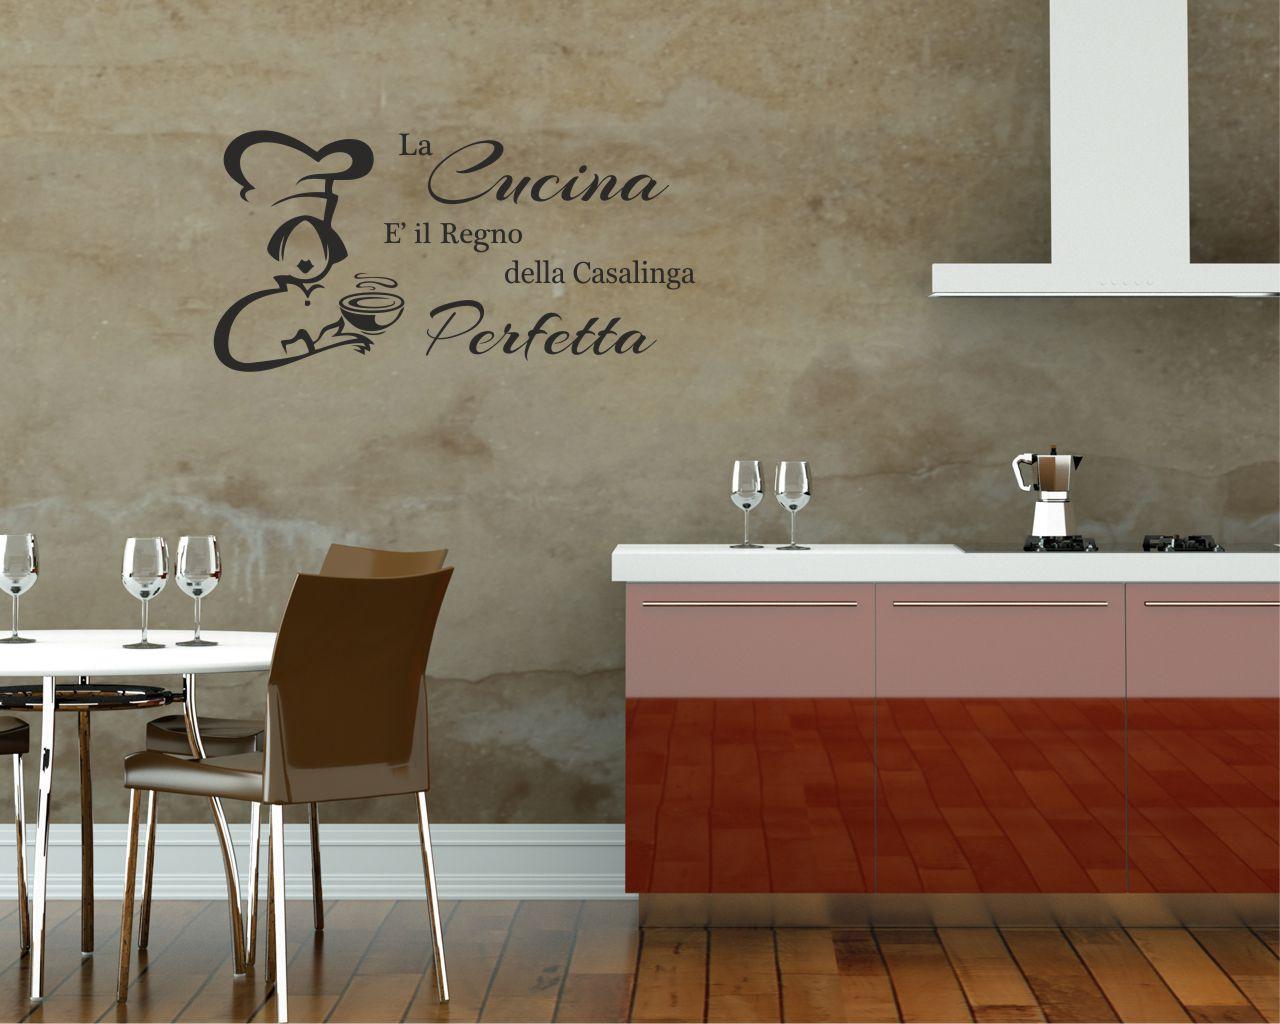 La cucina e il regno food adesivo murale interni for Scritte adesive cucina